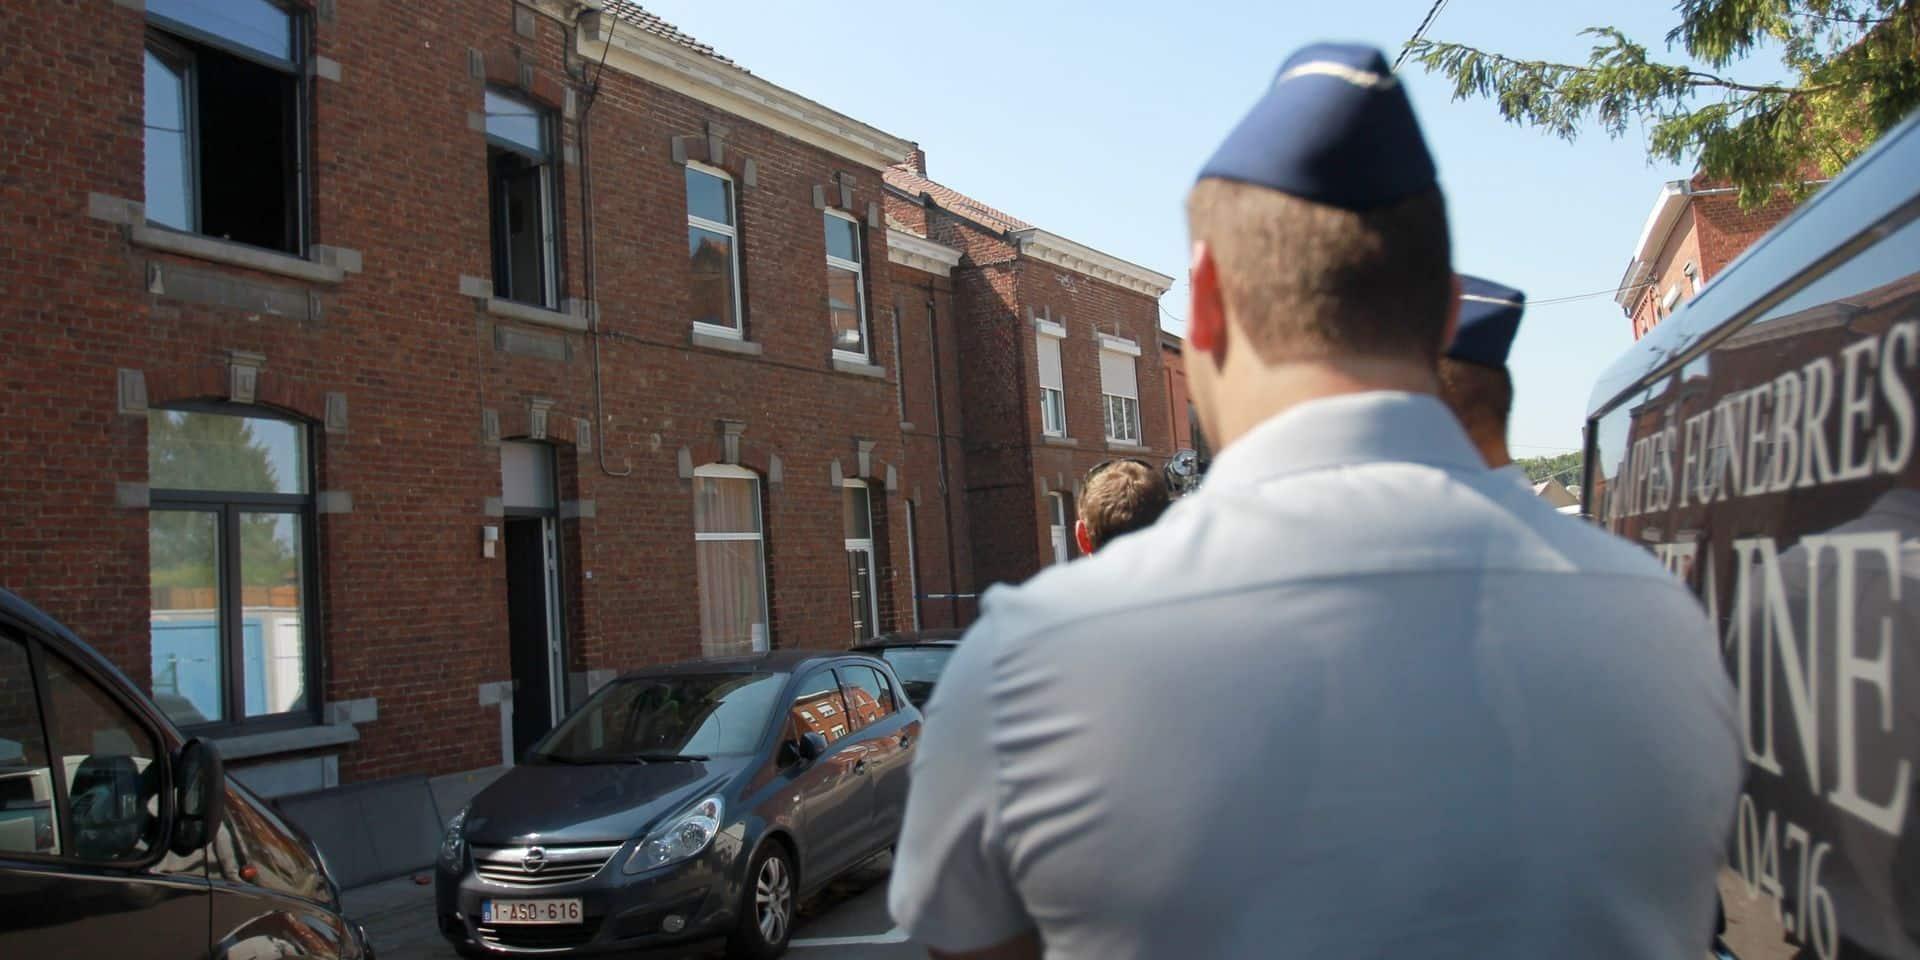 Assises Hainaut : Selon des témoins, Jimmy De Paepe s'était énervé sur un homme qui lui devait de l'argent